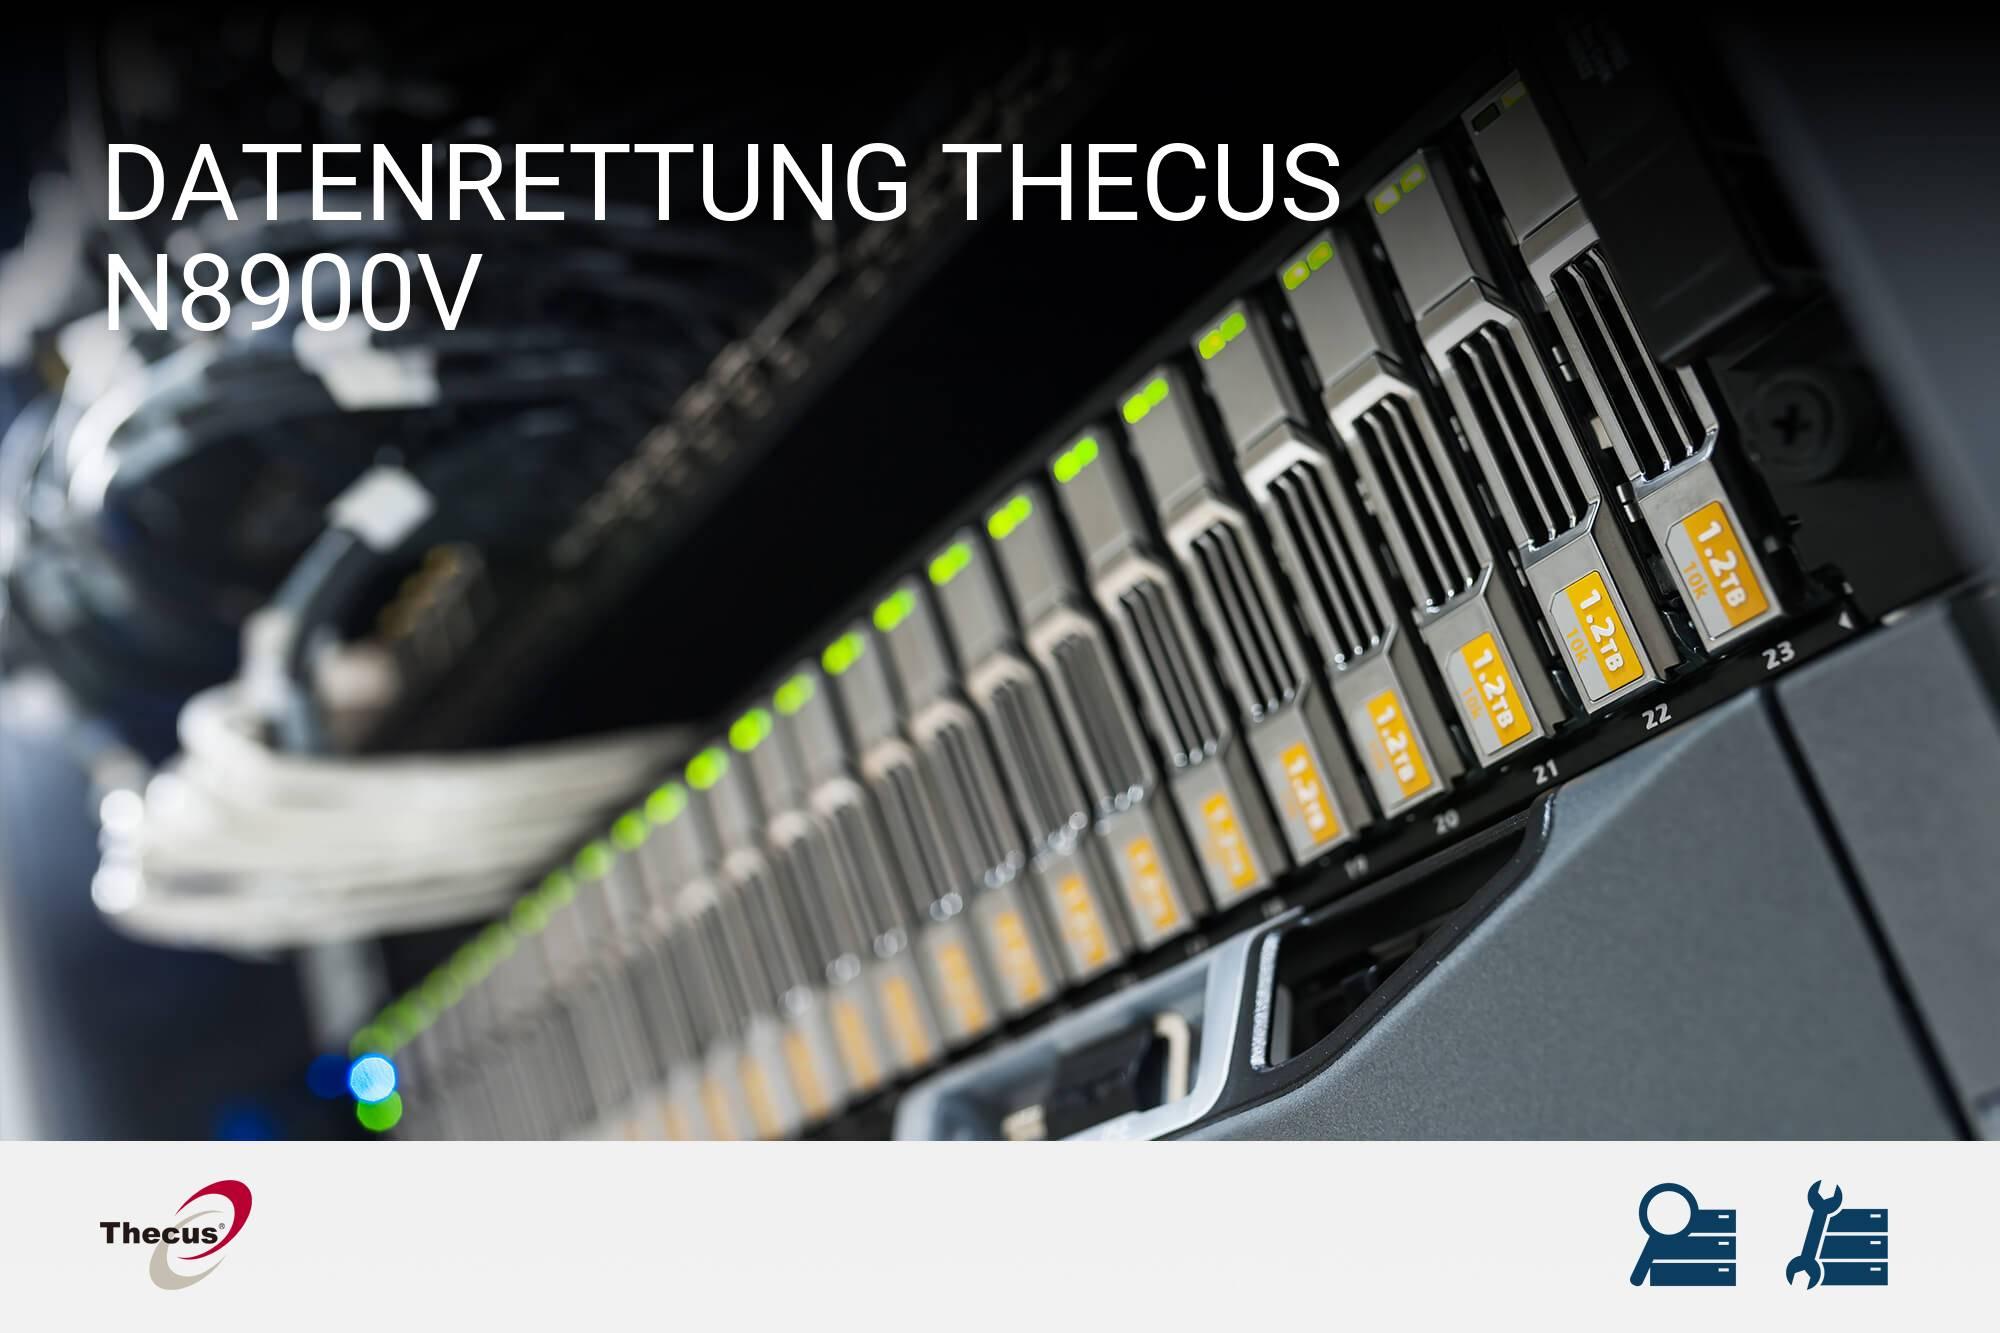 Thecus N8900V